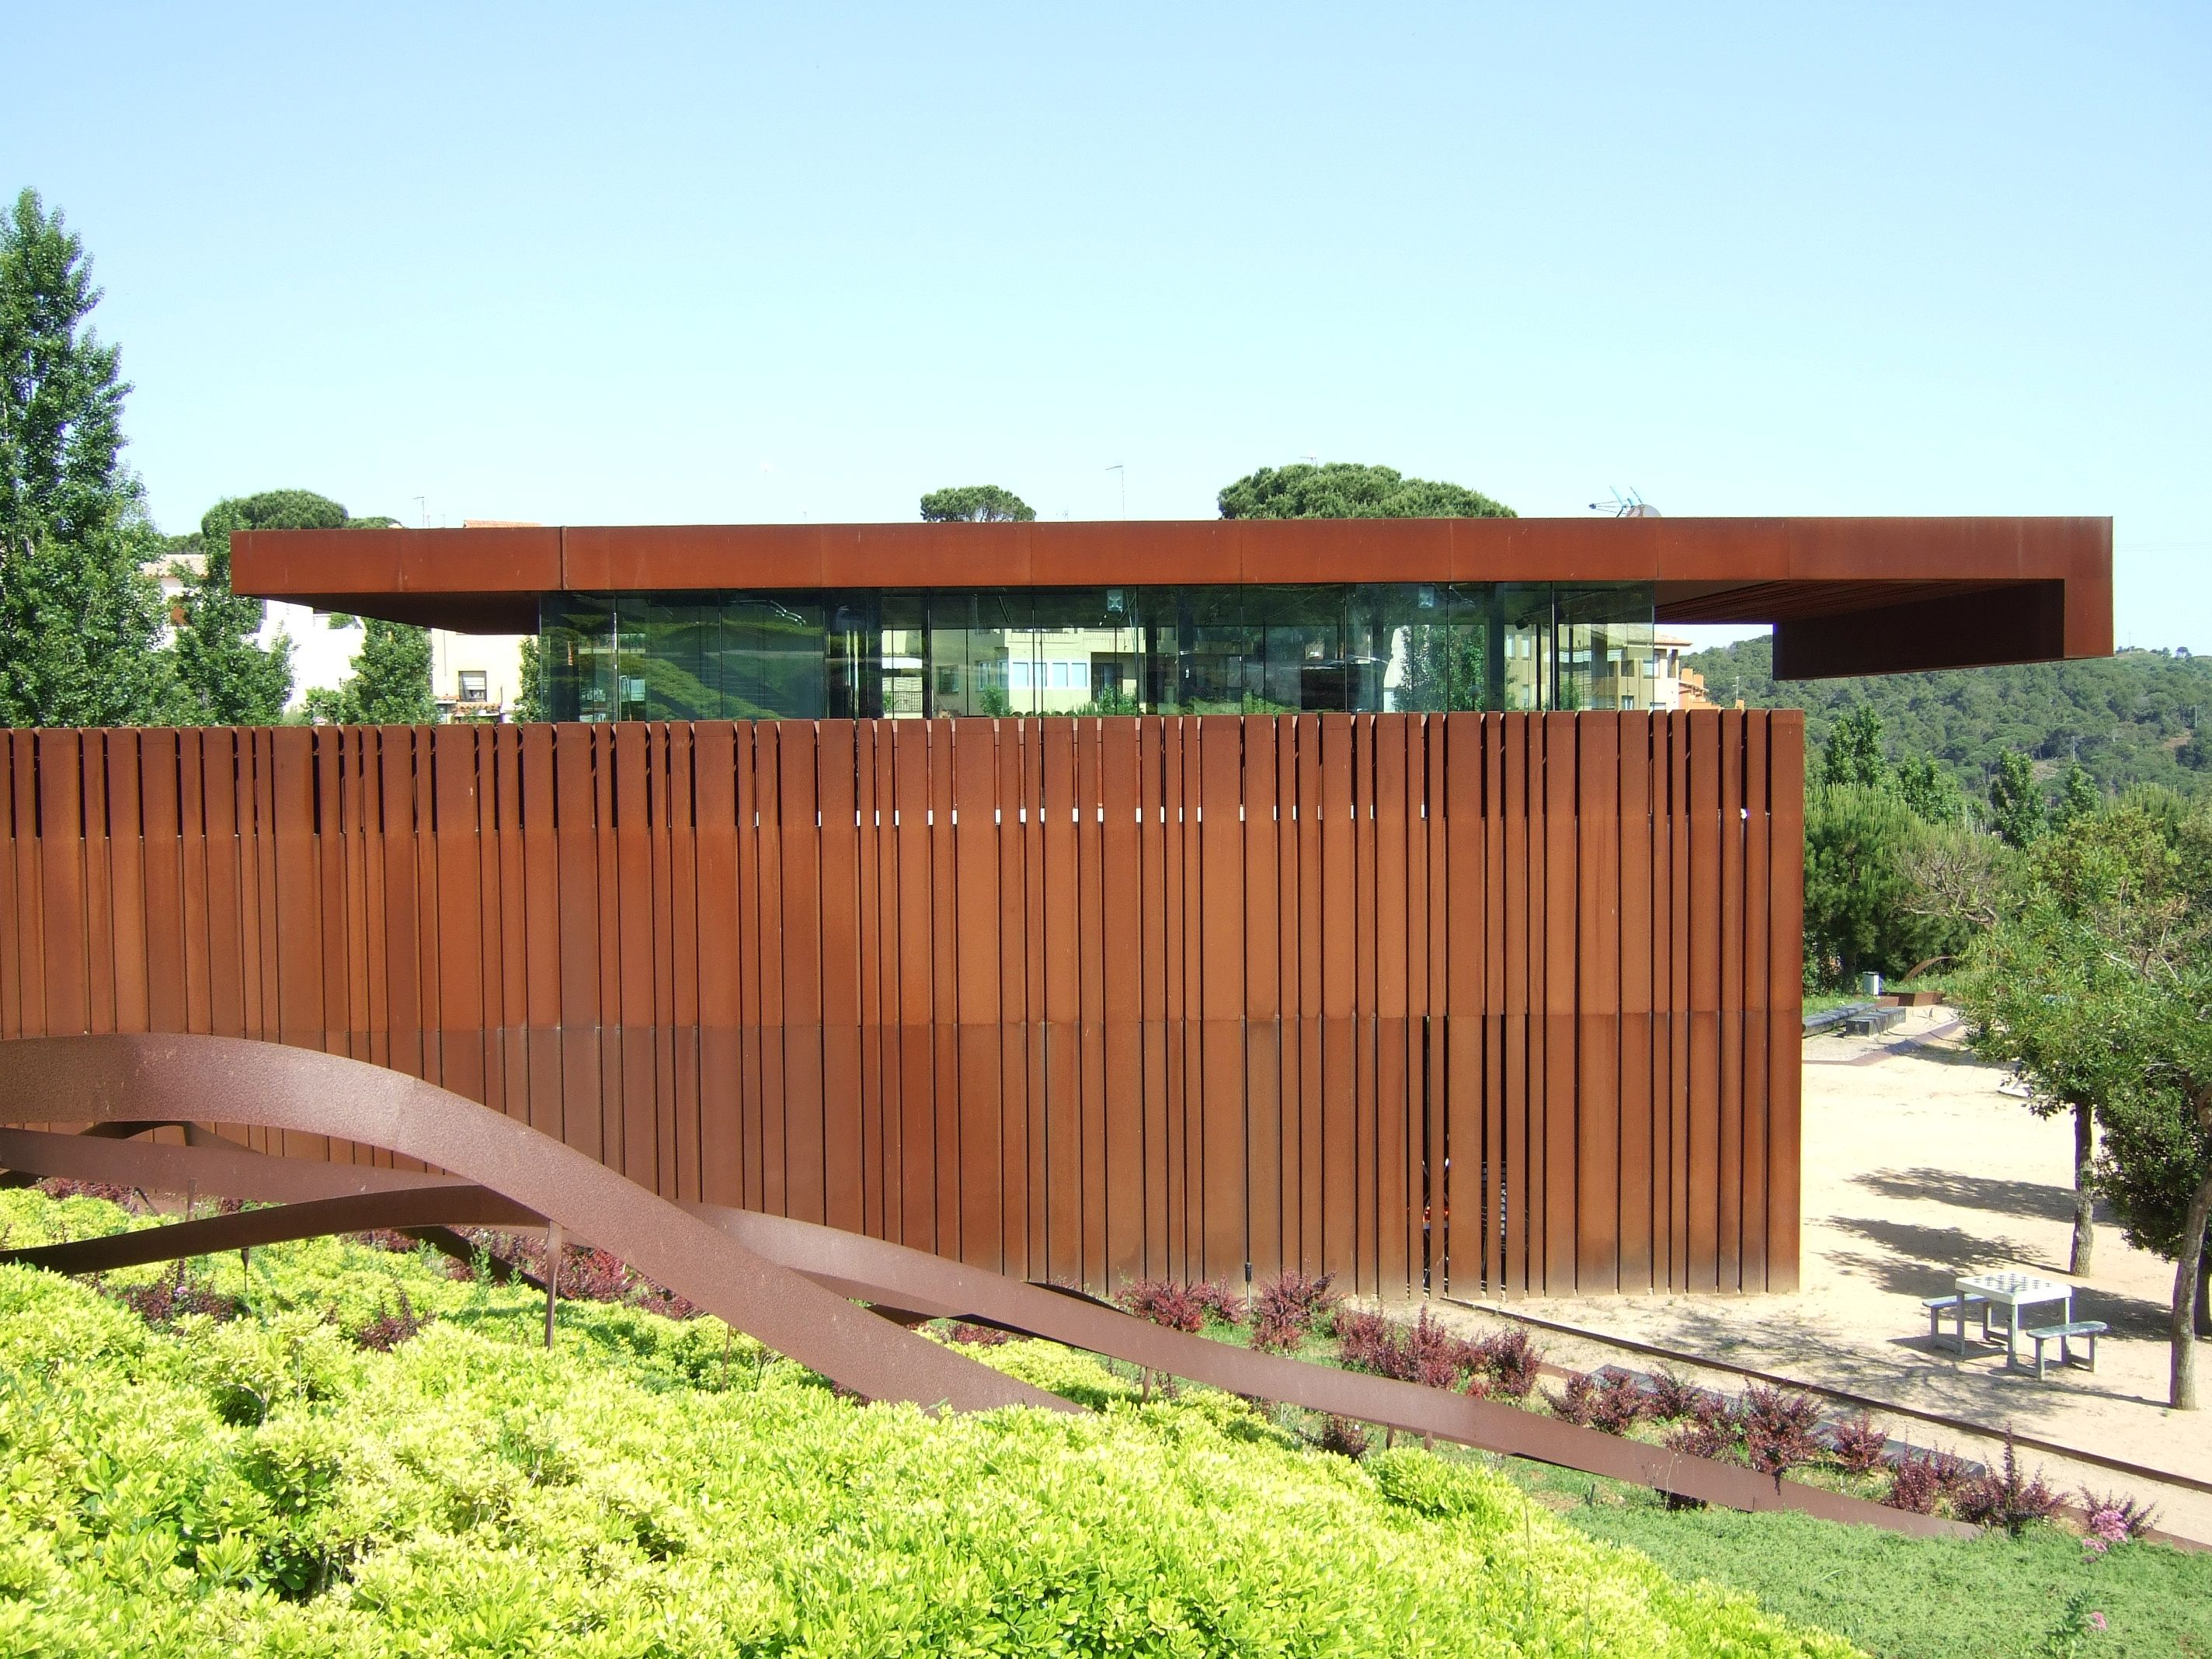 Parque de la arboleda begur girona rcr arquitectes - Arquitectura girona ...